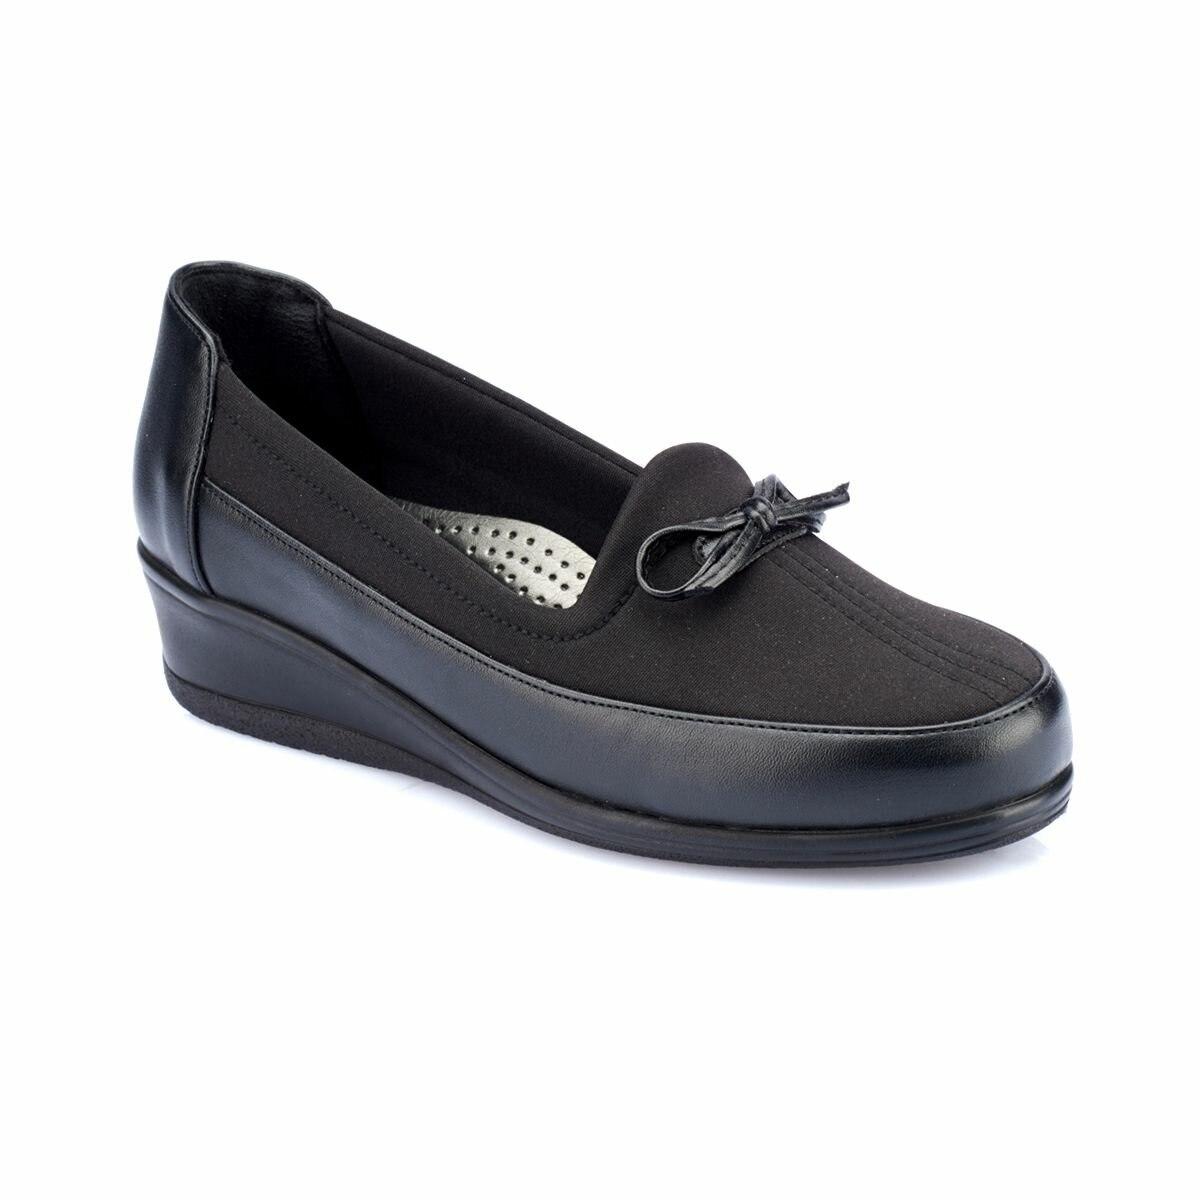 Flo 82.150034.z preto sapatos femininos polaris